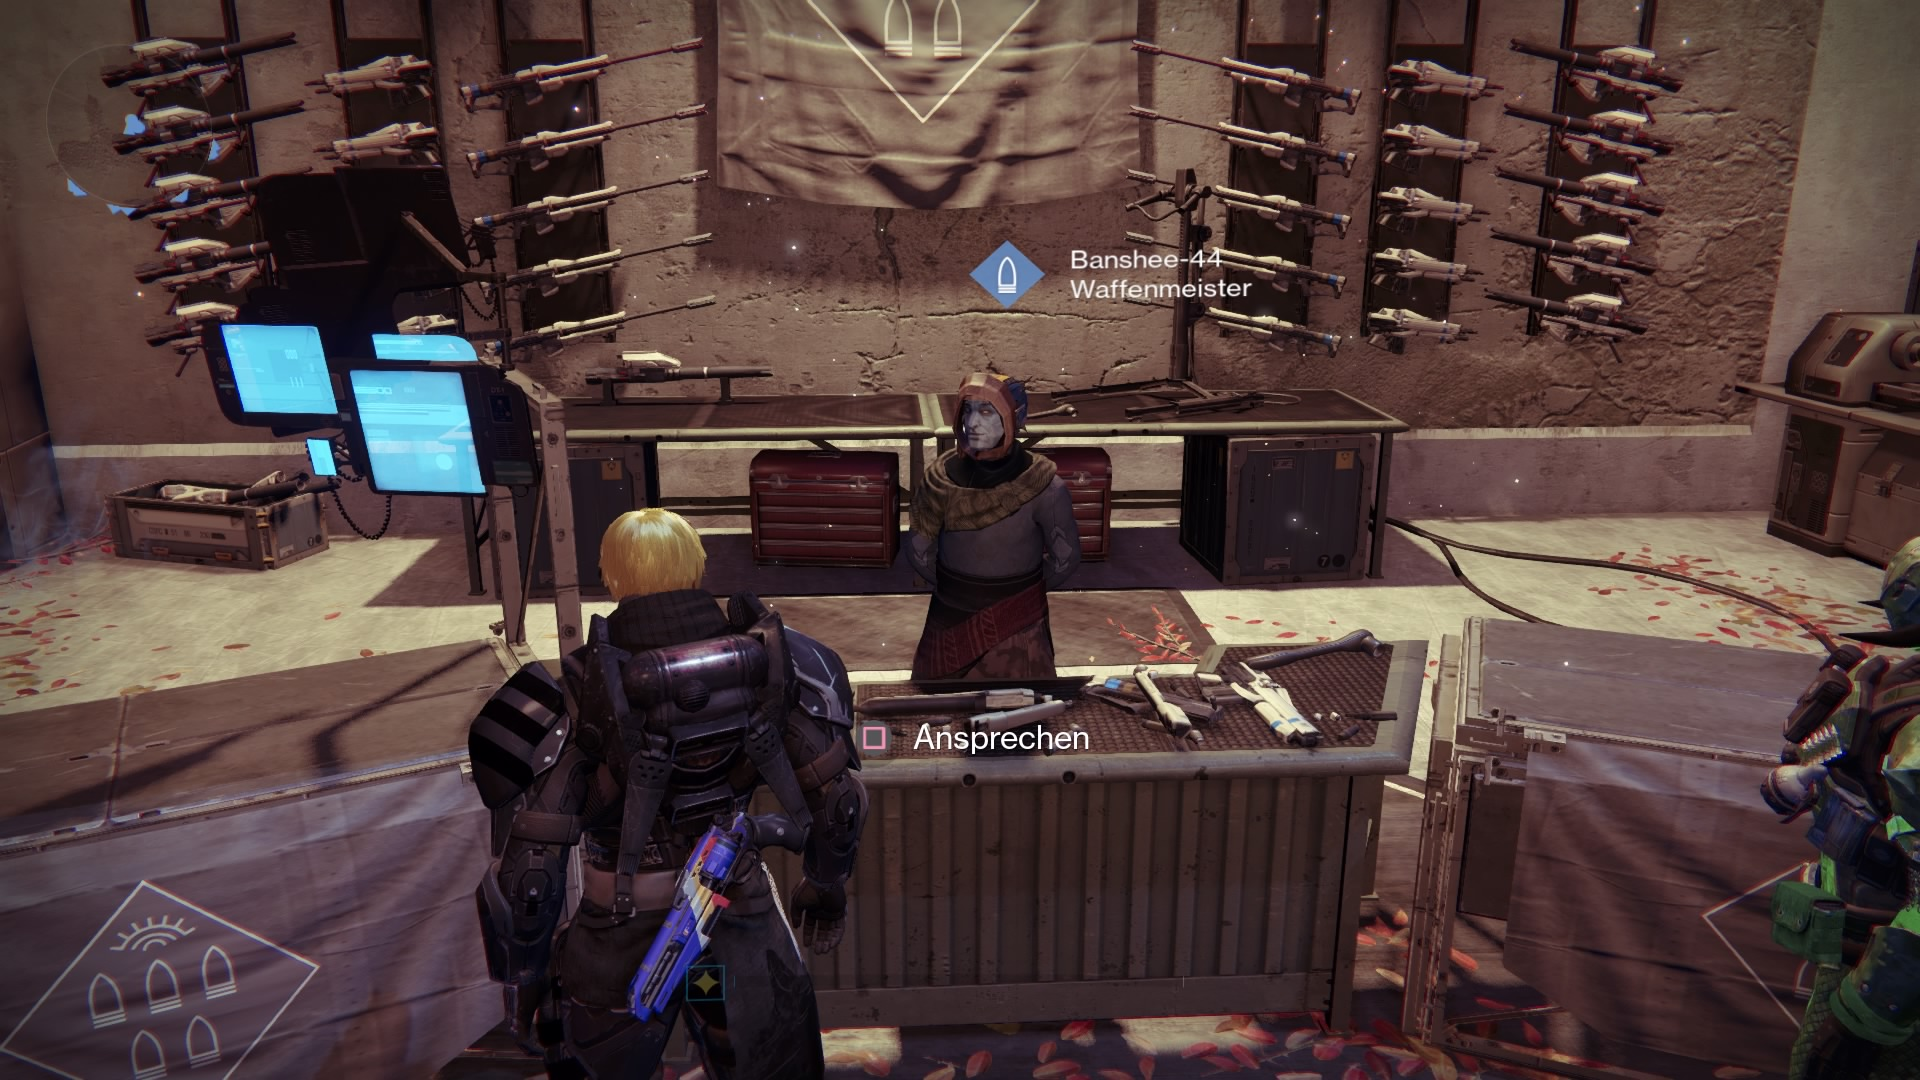 Destiny: Waffentag heute – Das Angebot von Banshee-44 am 26.10.